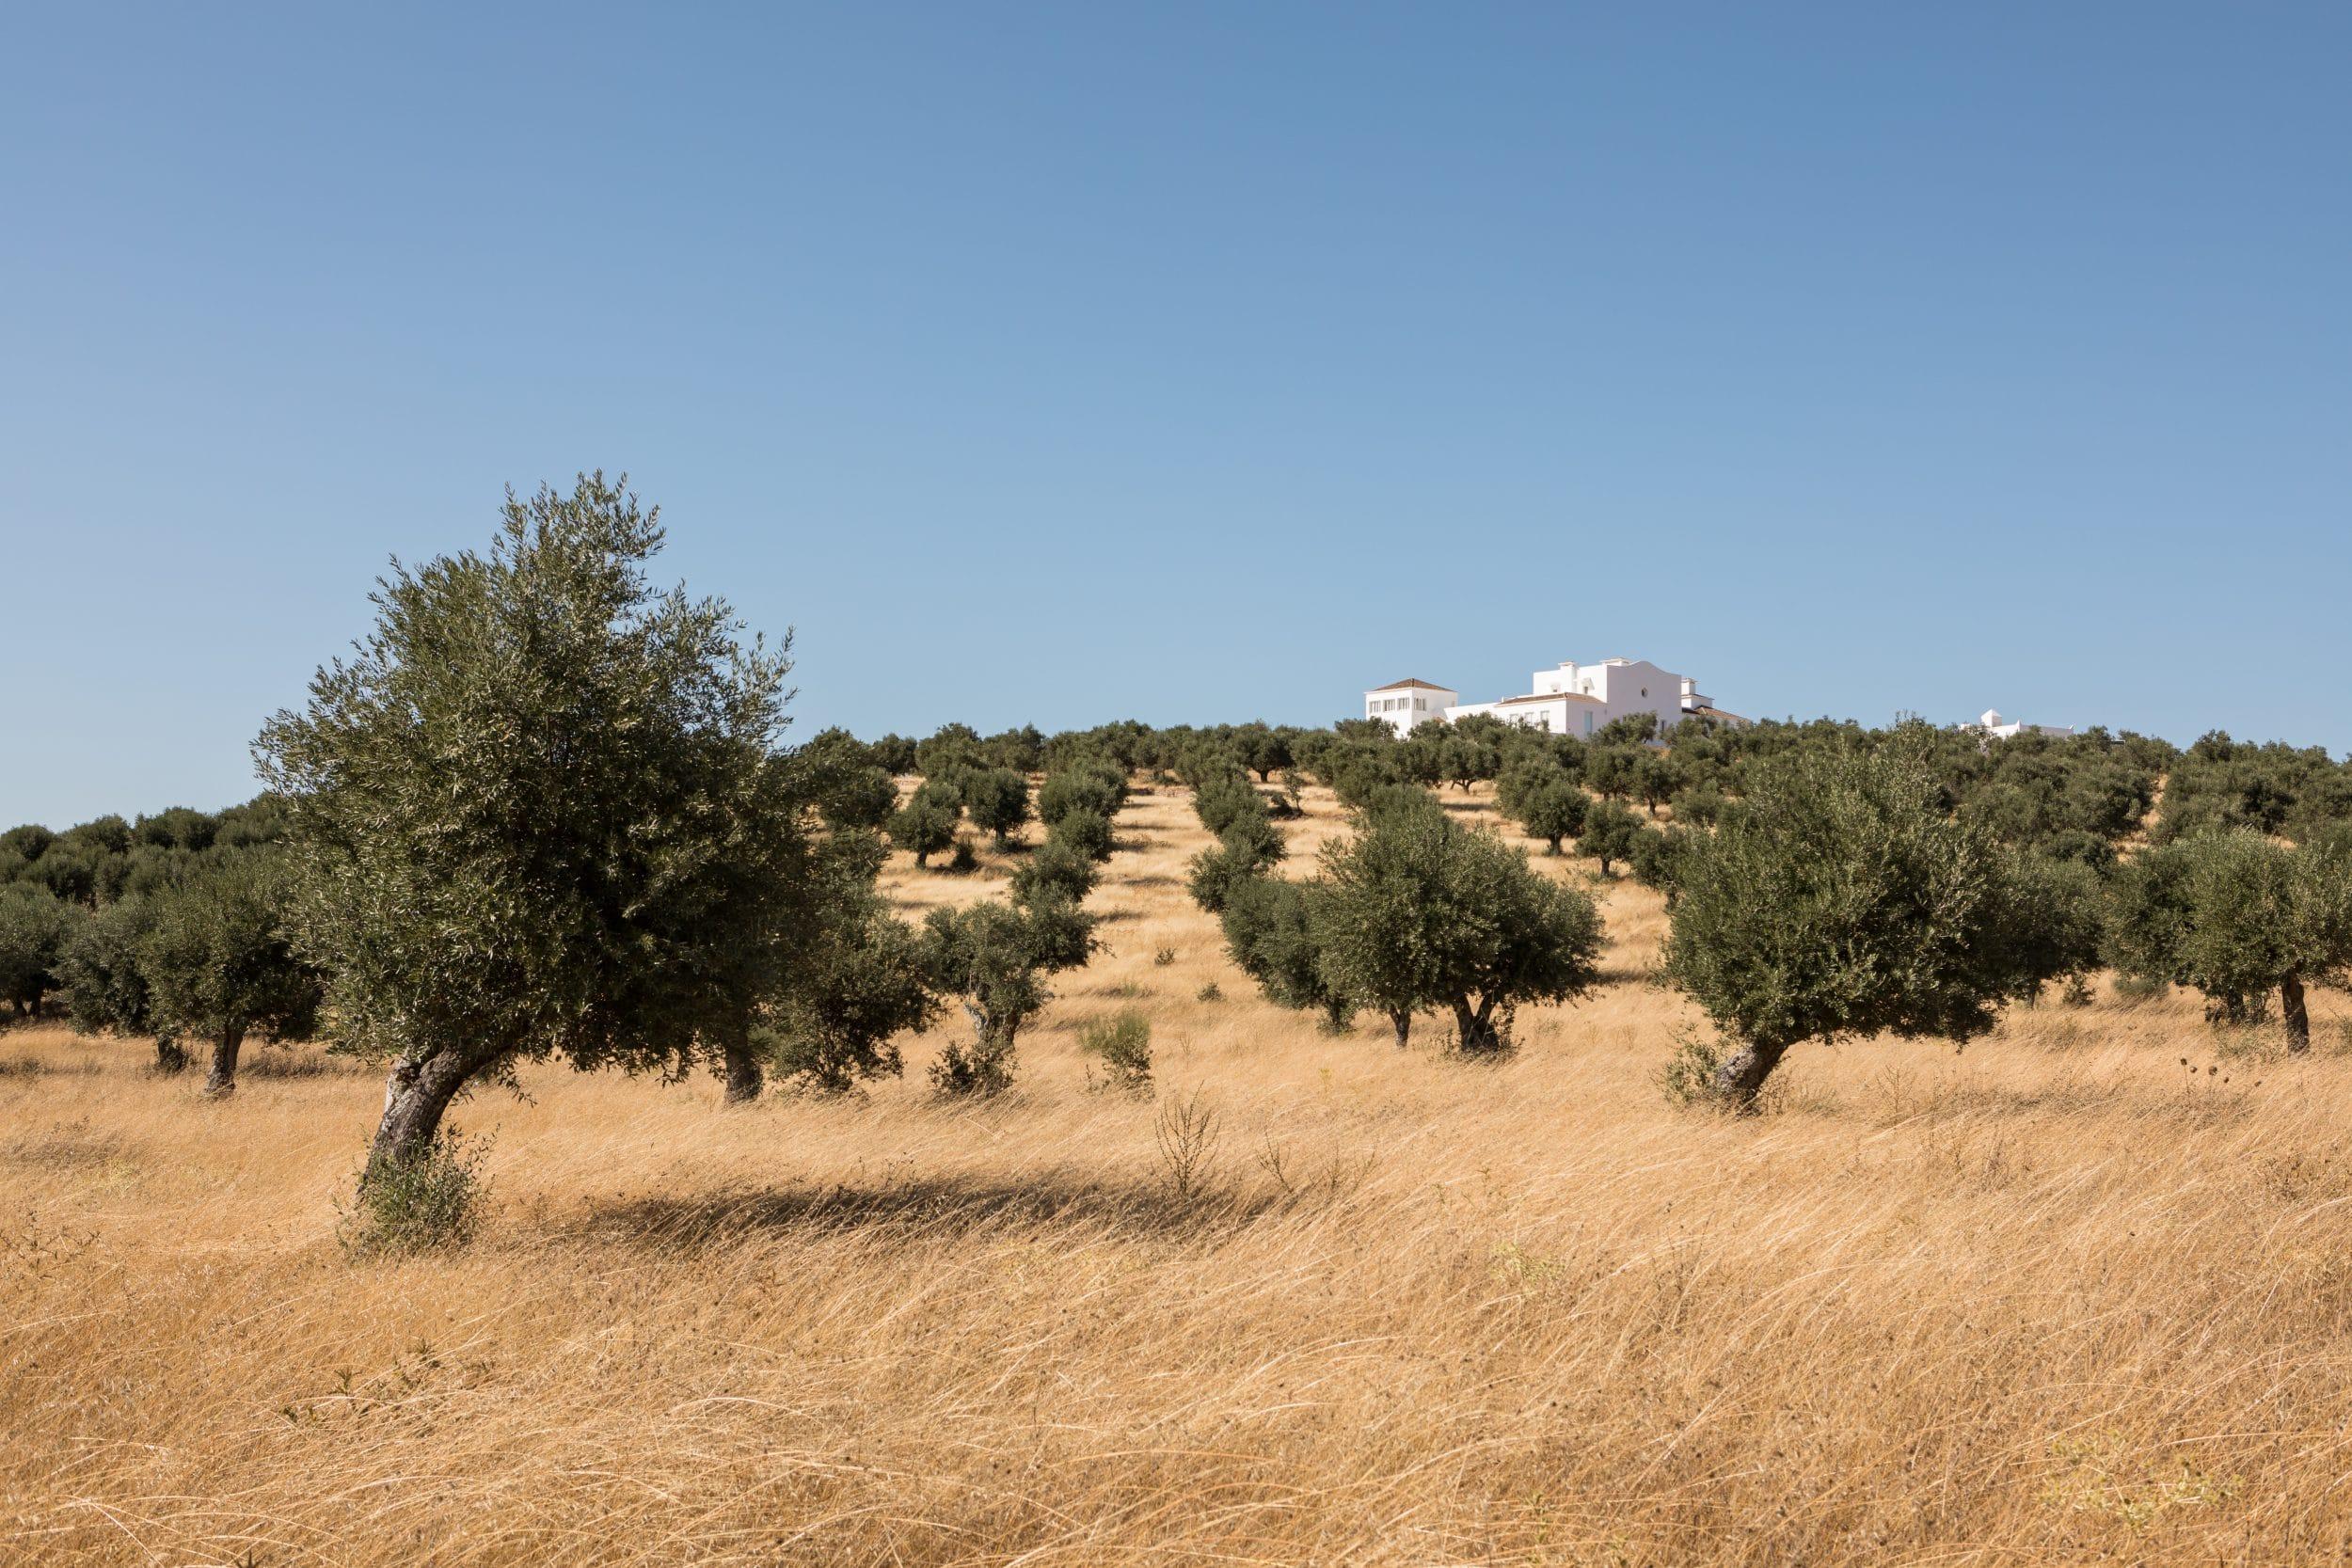 Dalicenca fields building